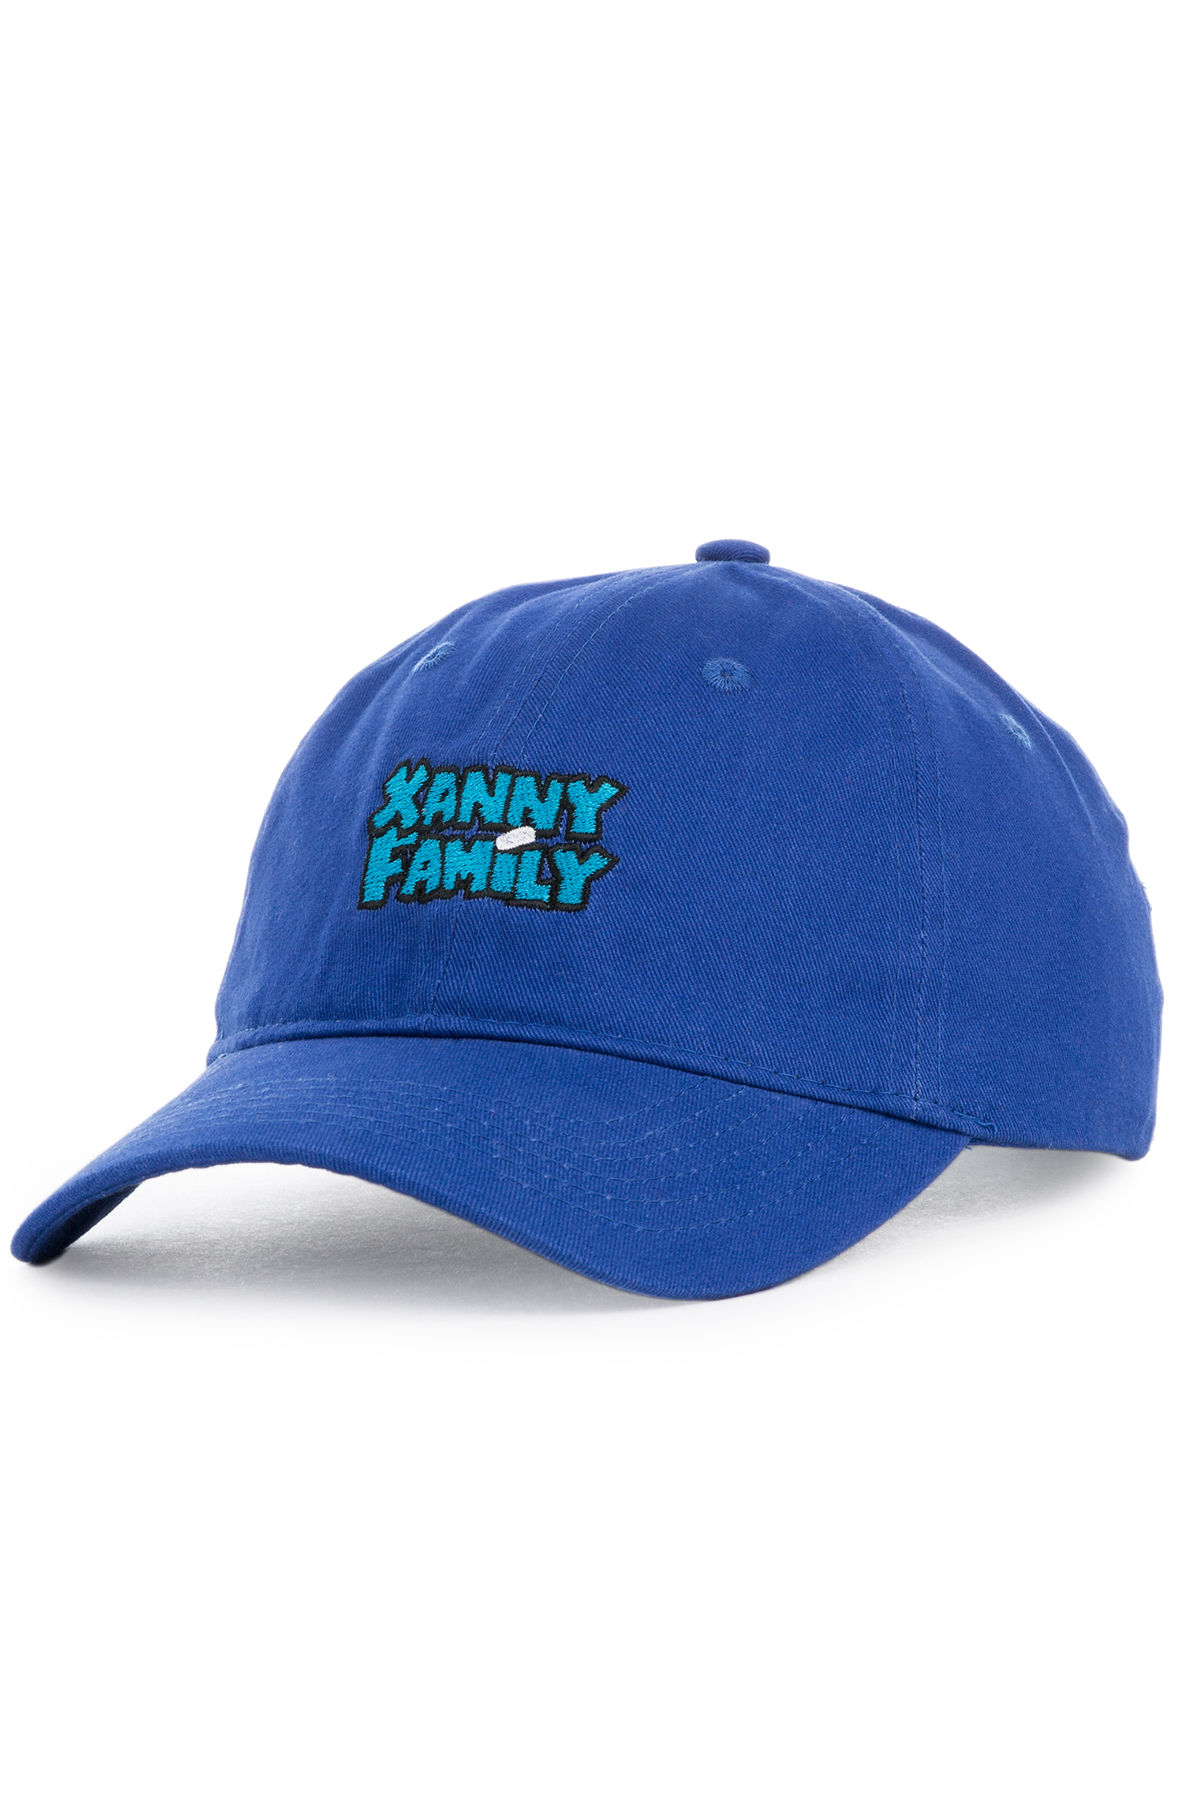 the xanny family hat in ny royal